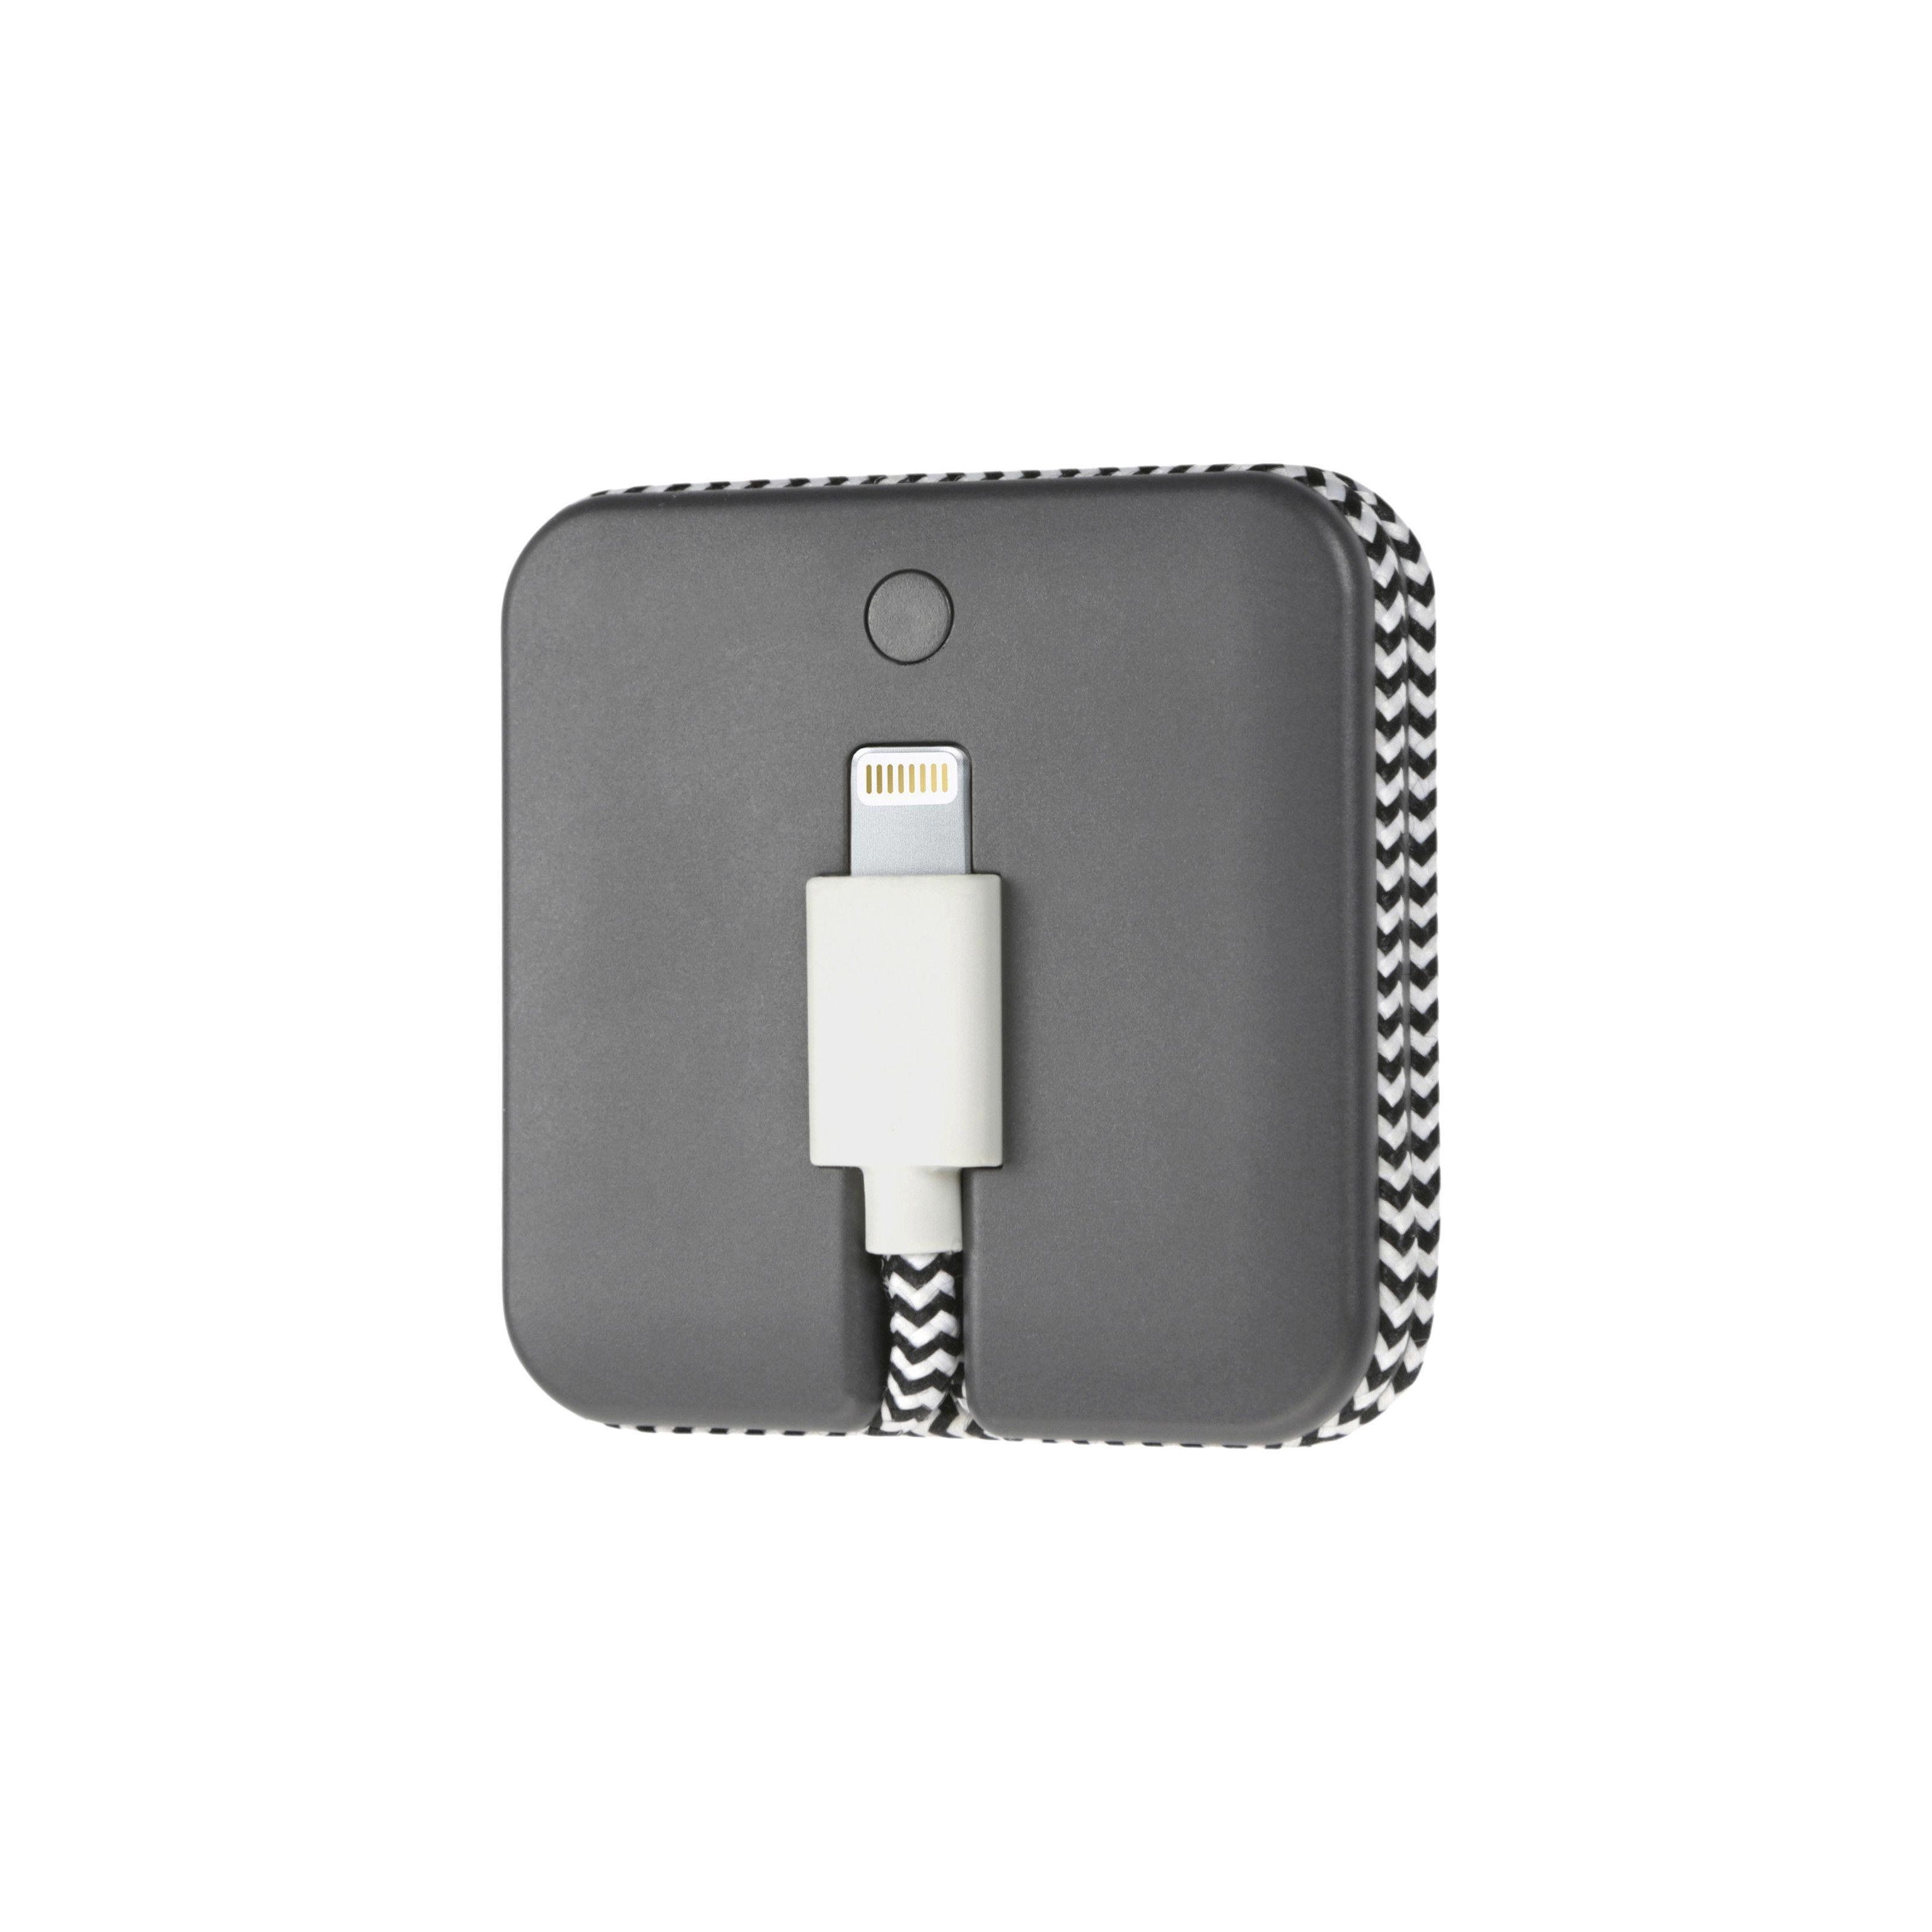 KIT MFI Lightning iPhone Mains Charger EU